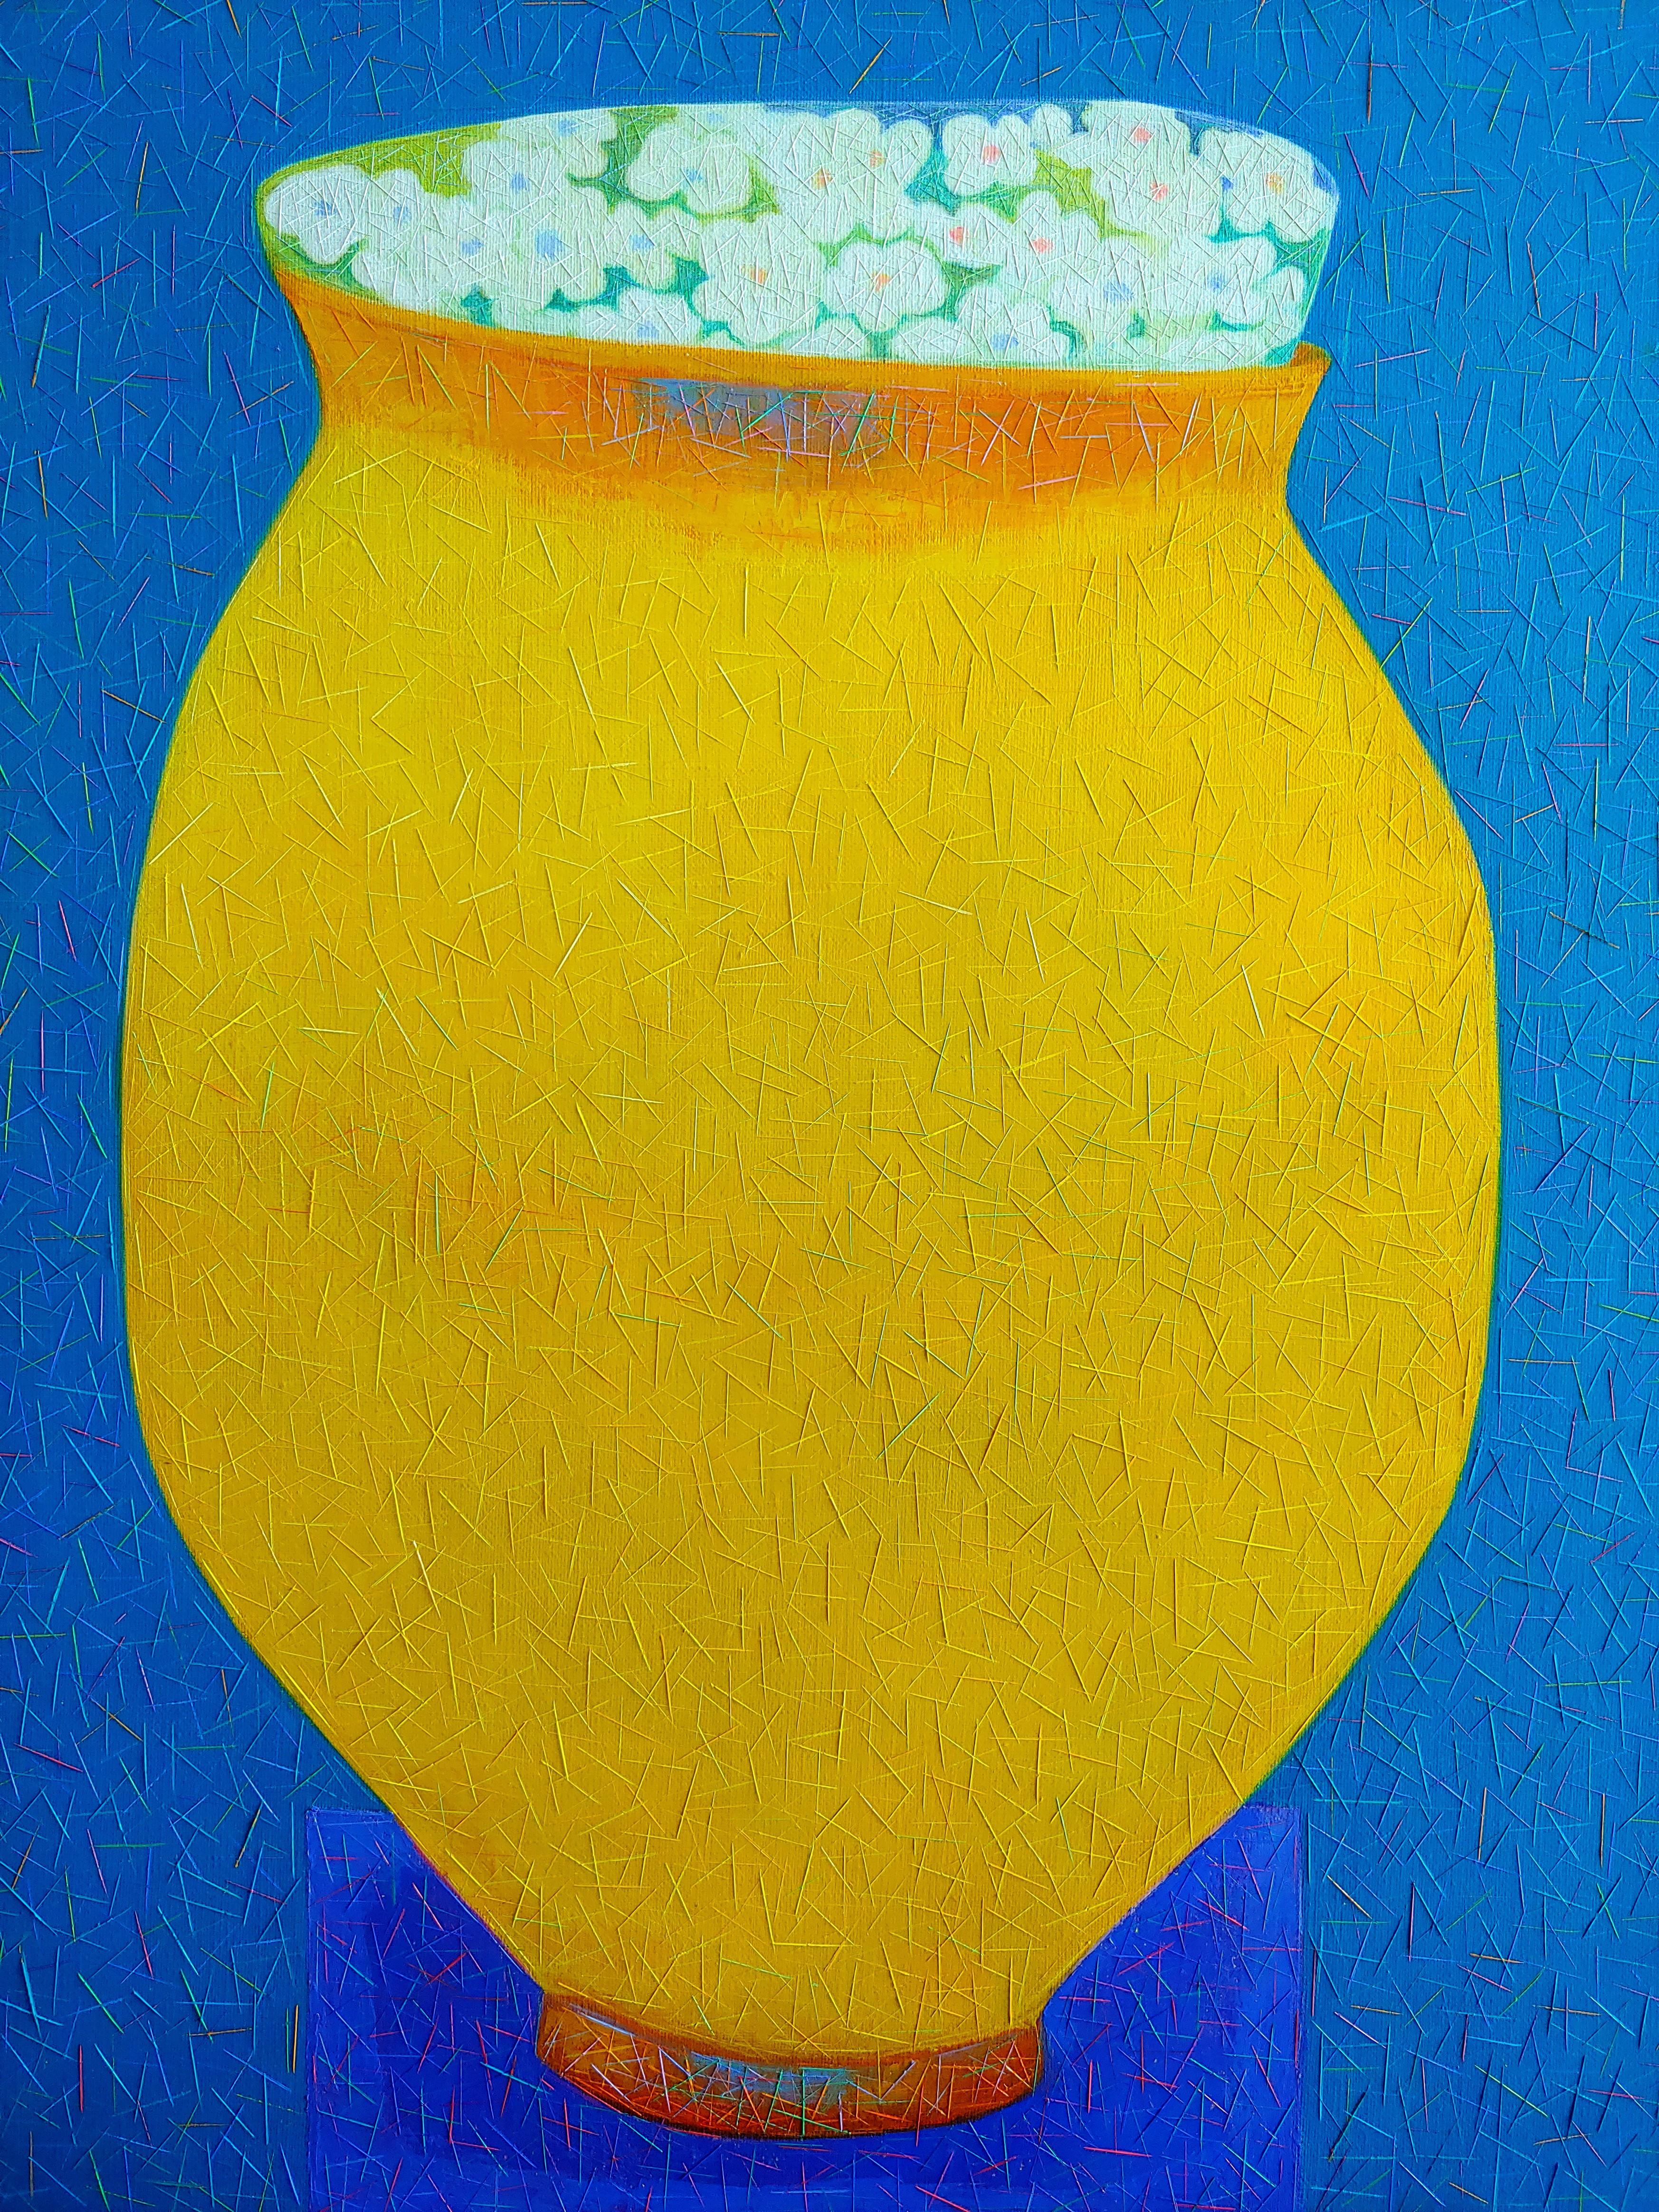 006, 차명주, 꽃밥 (청동기시대 계란형토기), 53.0 x 65